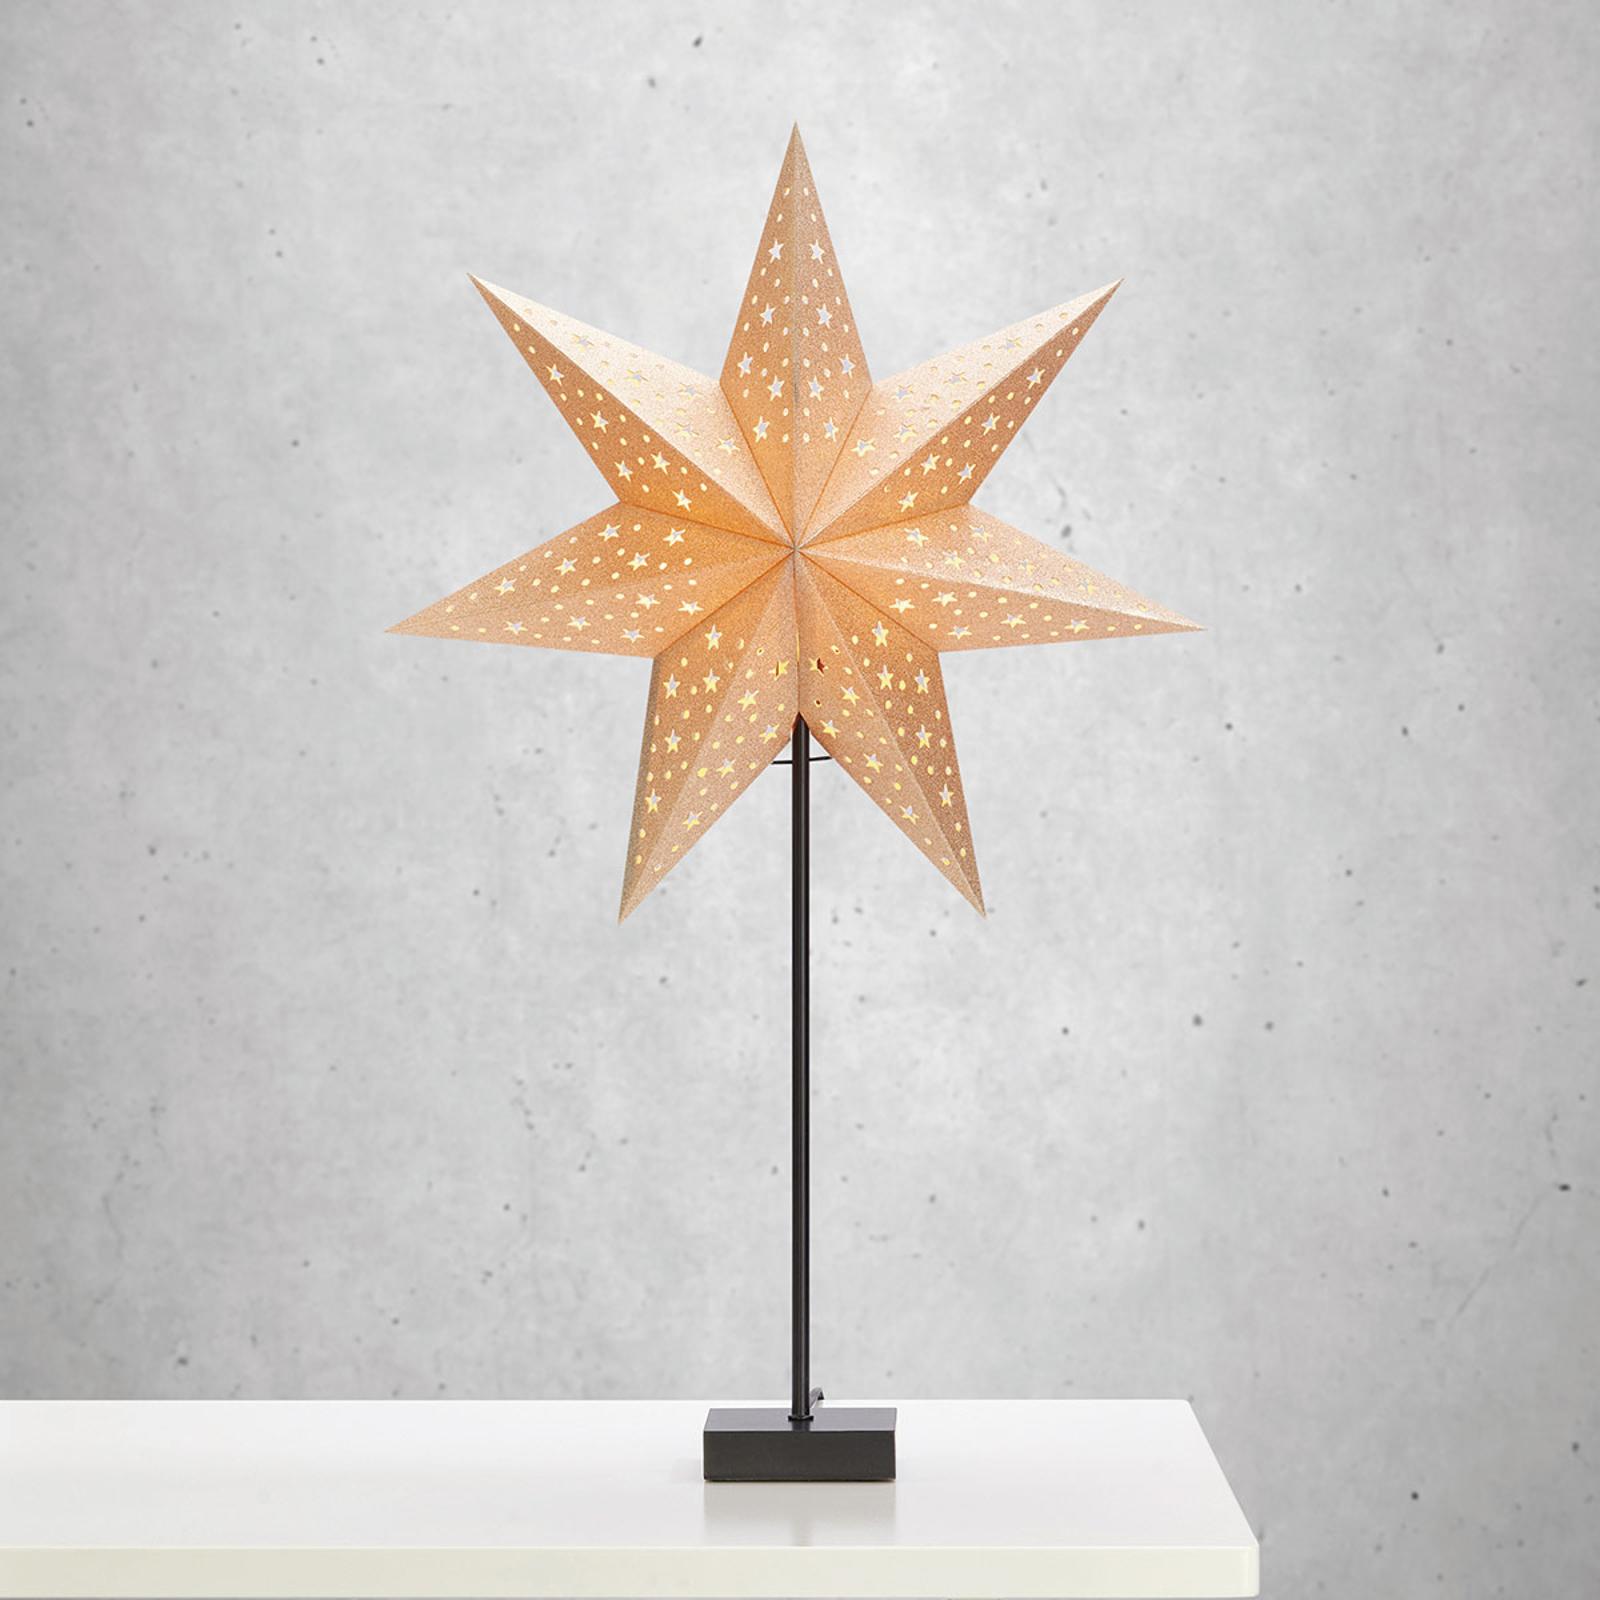 Stående stjerne Solvalla - høyde 69 cm